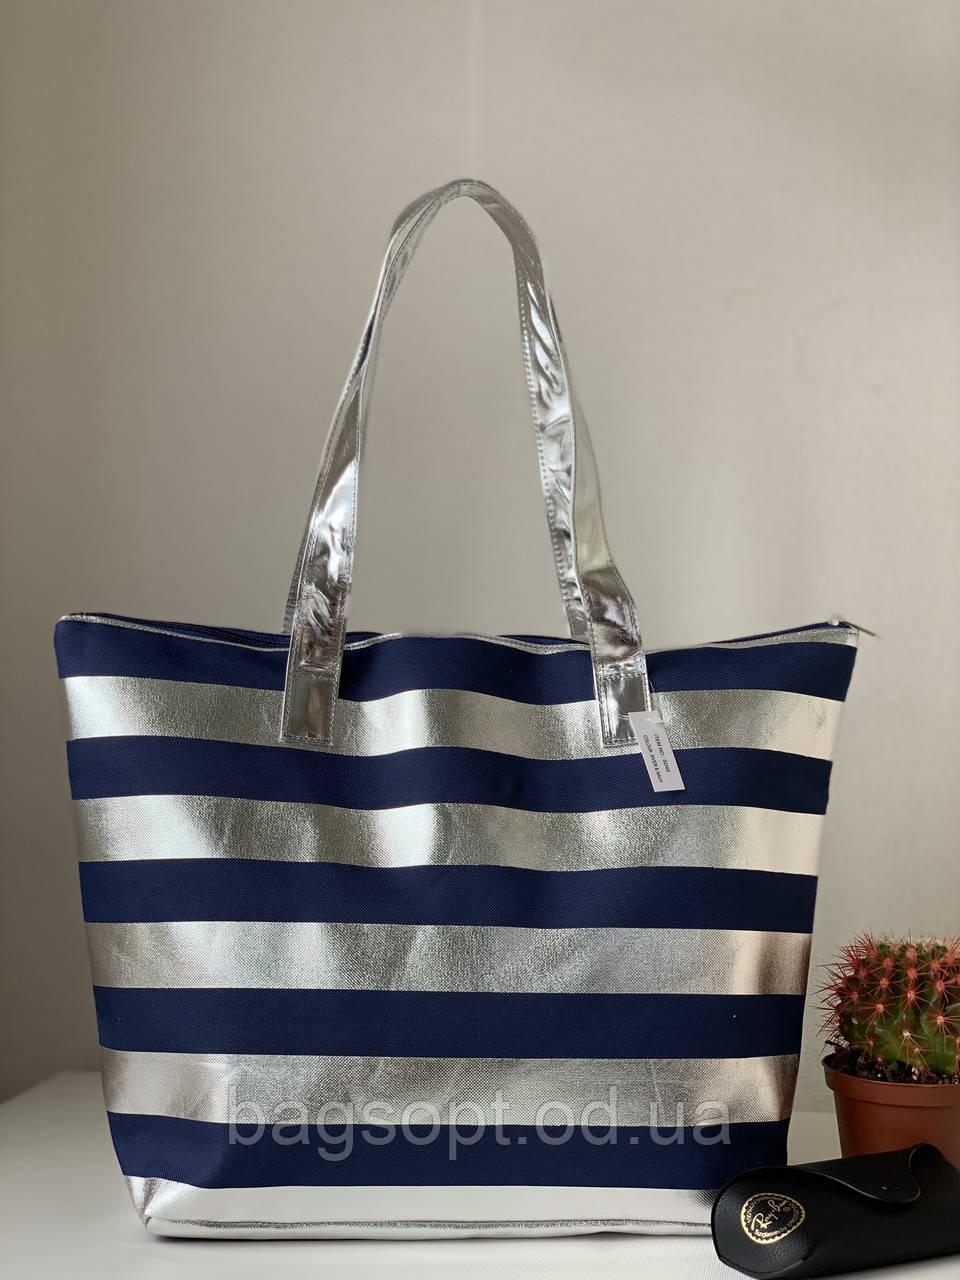 Летняя городская пляжная сумка шоппер полосатая синяя с серебром